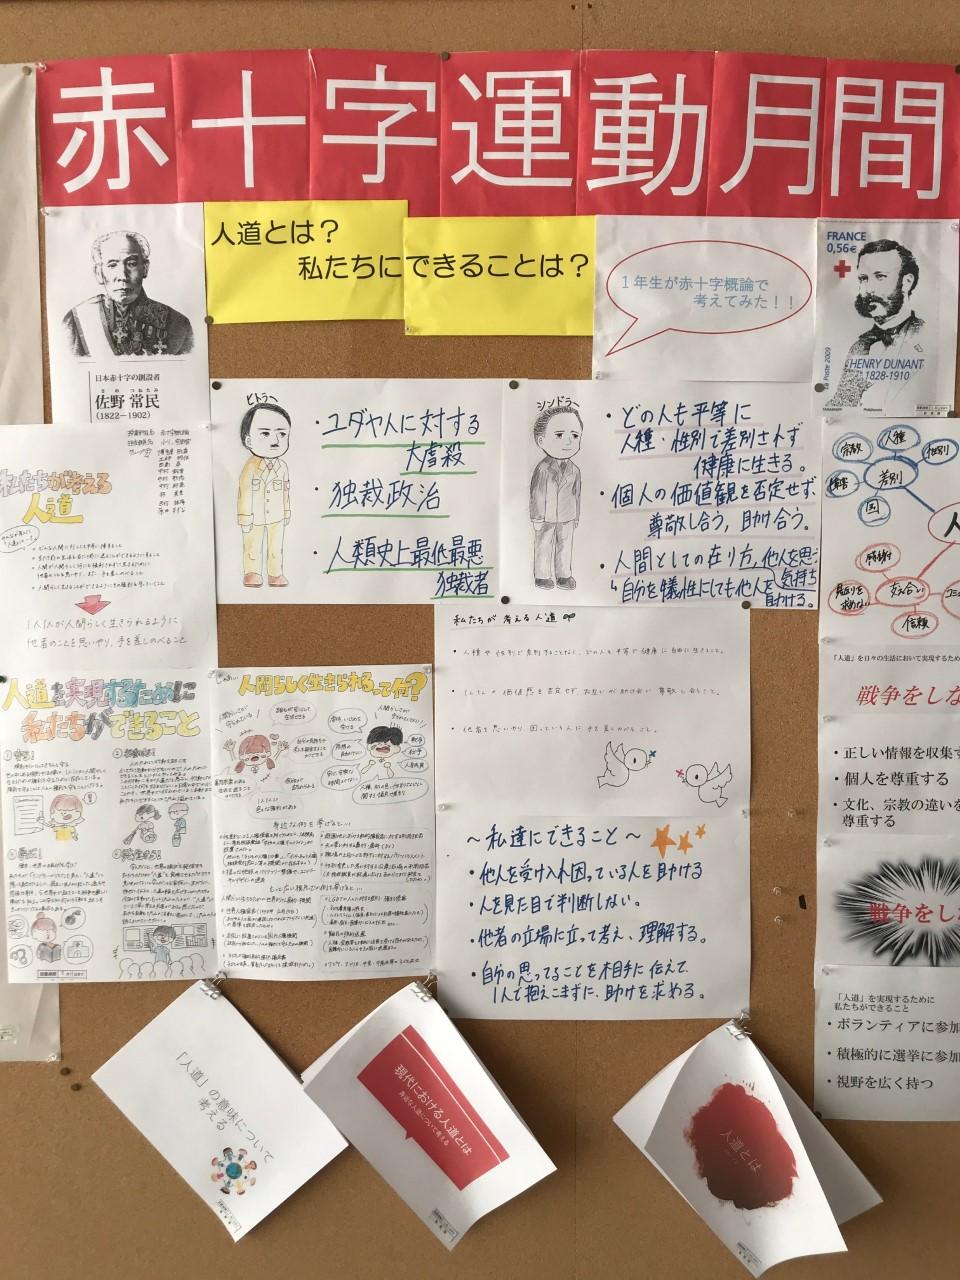 20190517赤十字概論① 宇都宮真由子